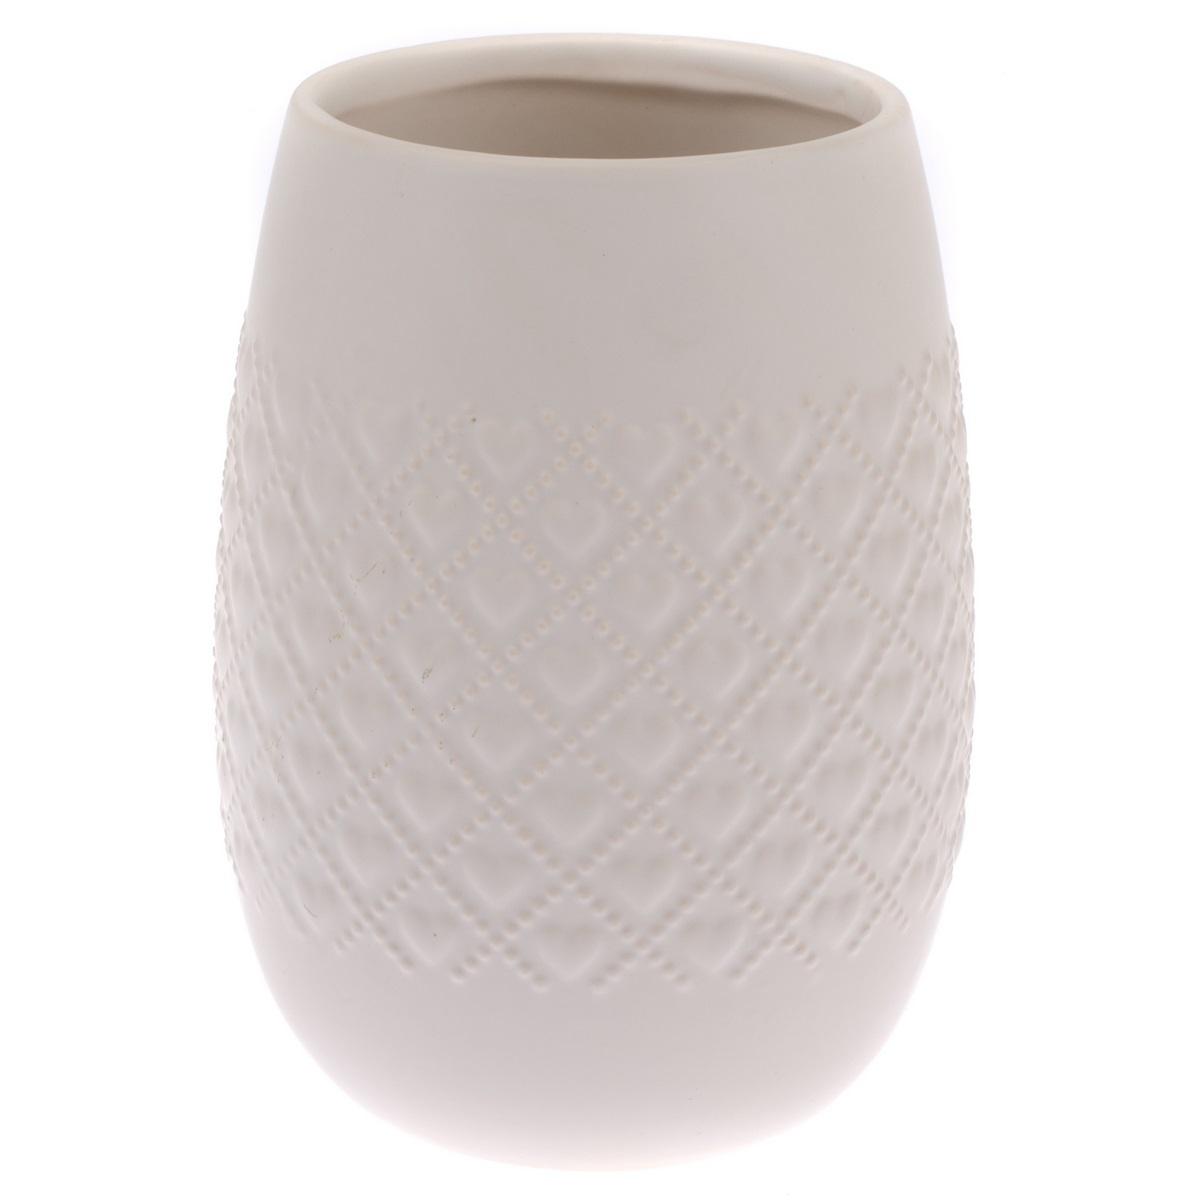 Keramický obal na květináč Fains béžová, 18 cm